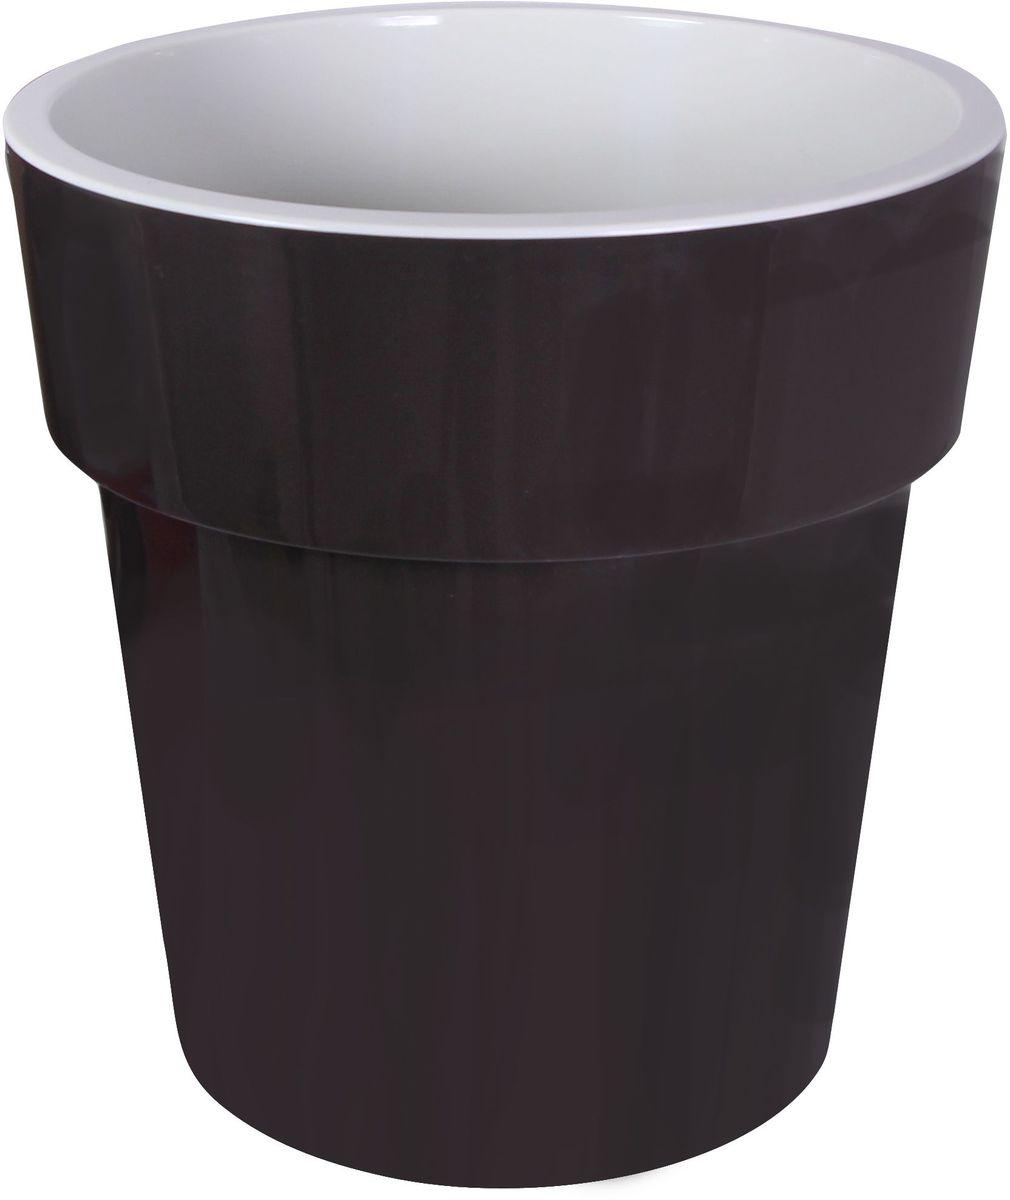 Кашпо Idea Тубус, цвет: коричневый, диаметр 15 см1928277Кашпо Idea Тубус изготовлено из прочного пластика. Изделие прекрасно подходит для выращивания растений и цветов в домашних условиях. Стильный современный дизайн органично впишется в интерьер помещения.Диаметр кашпо: 15 см. Высота кашпо: 15 см.